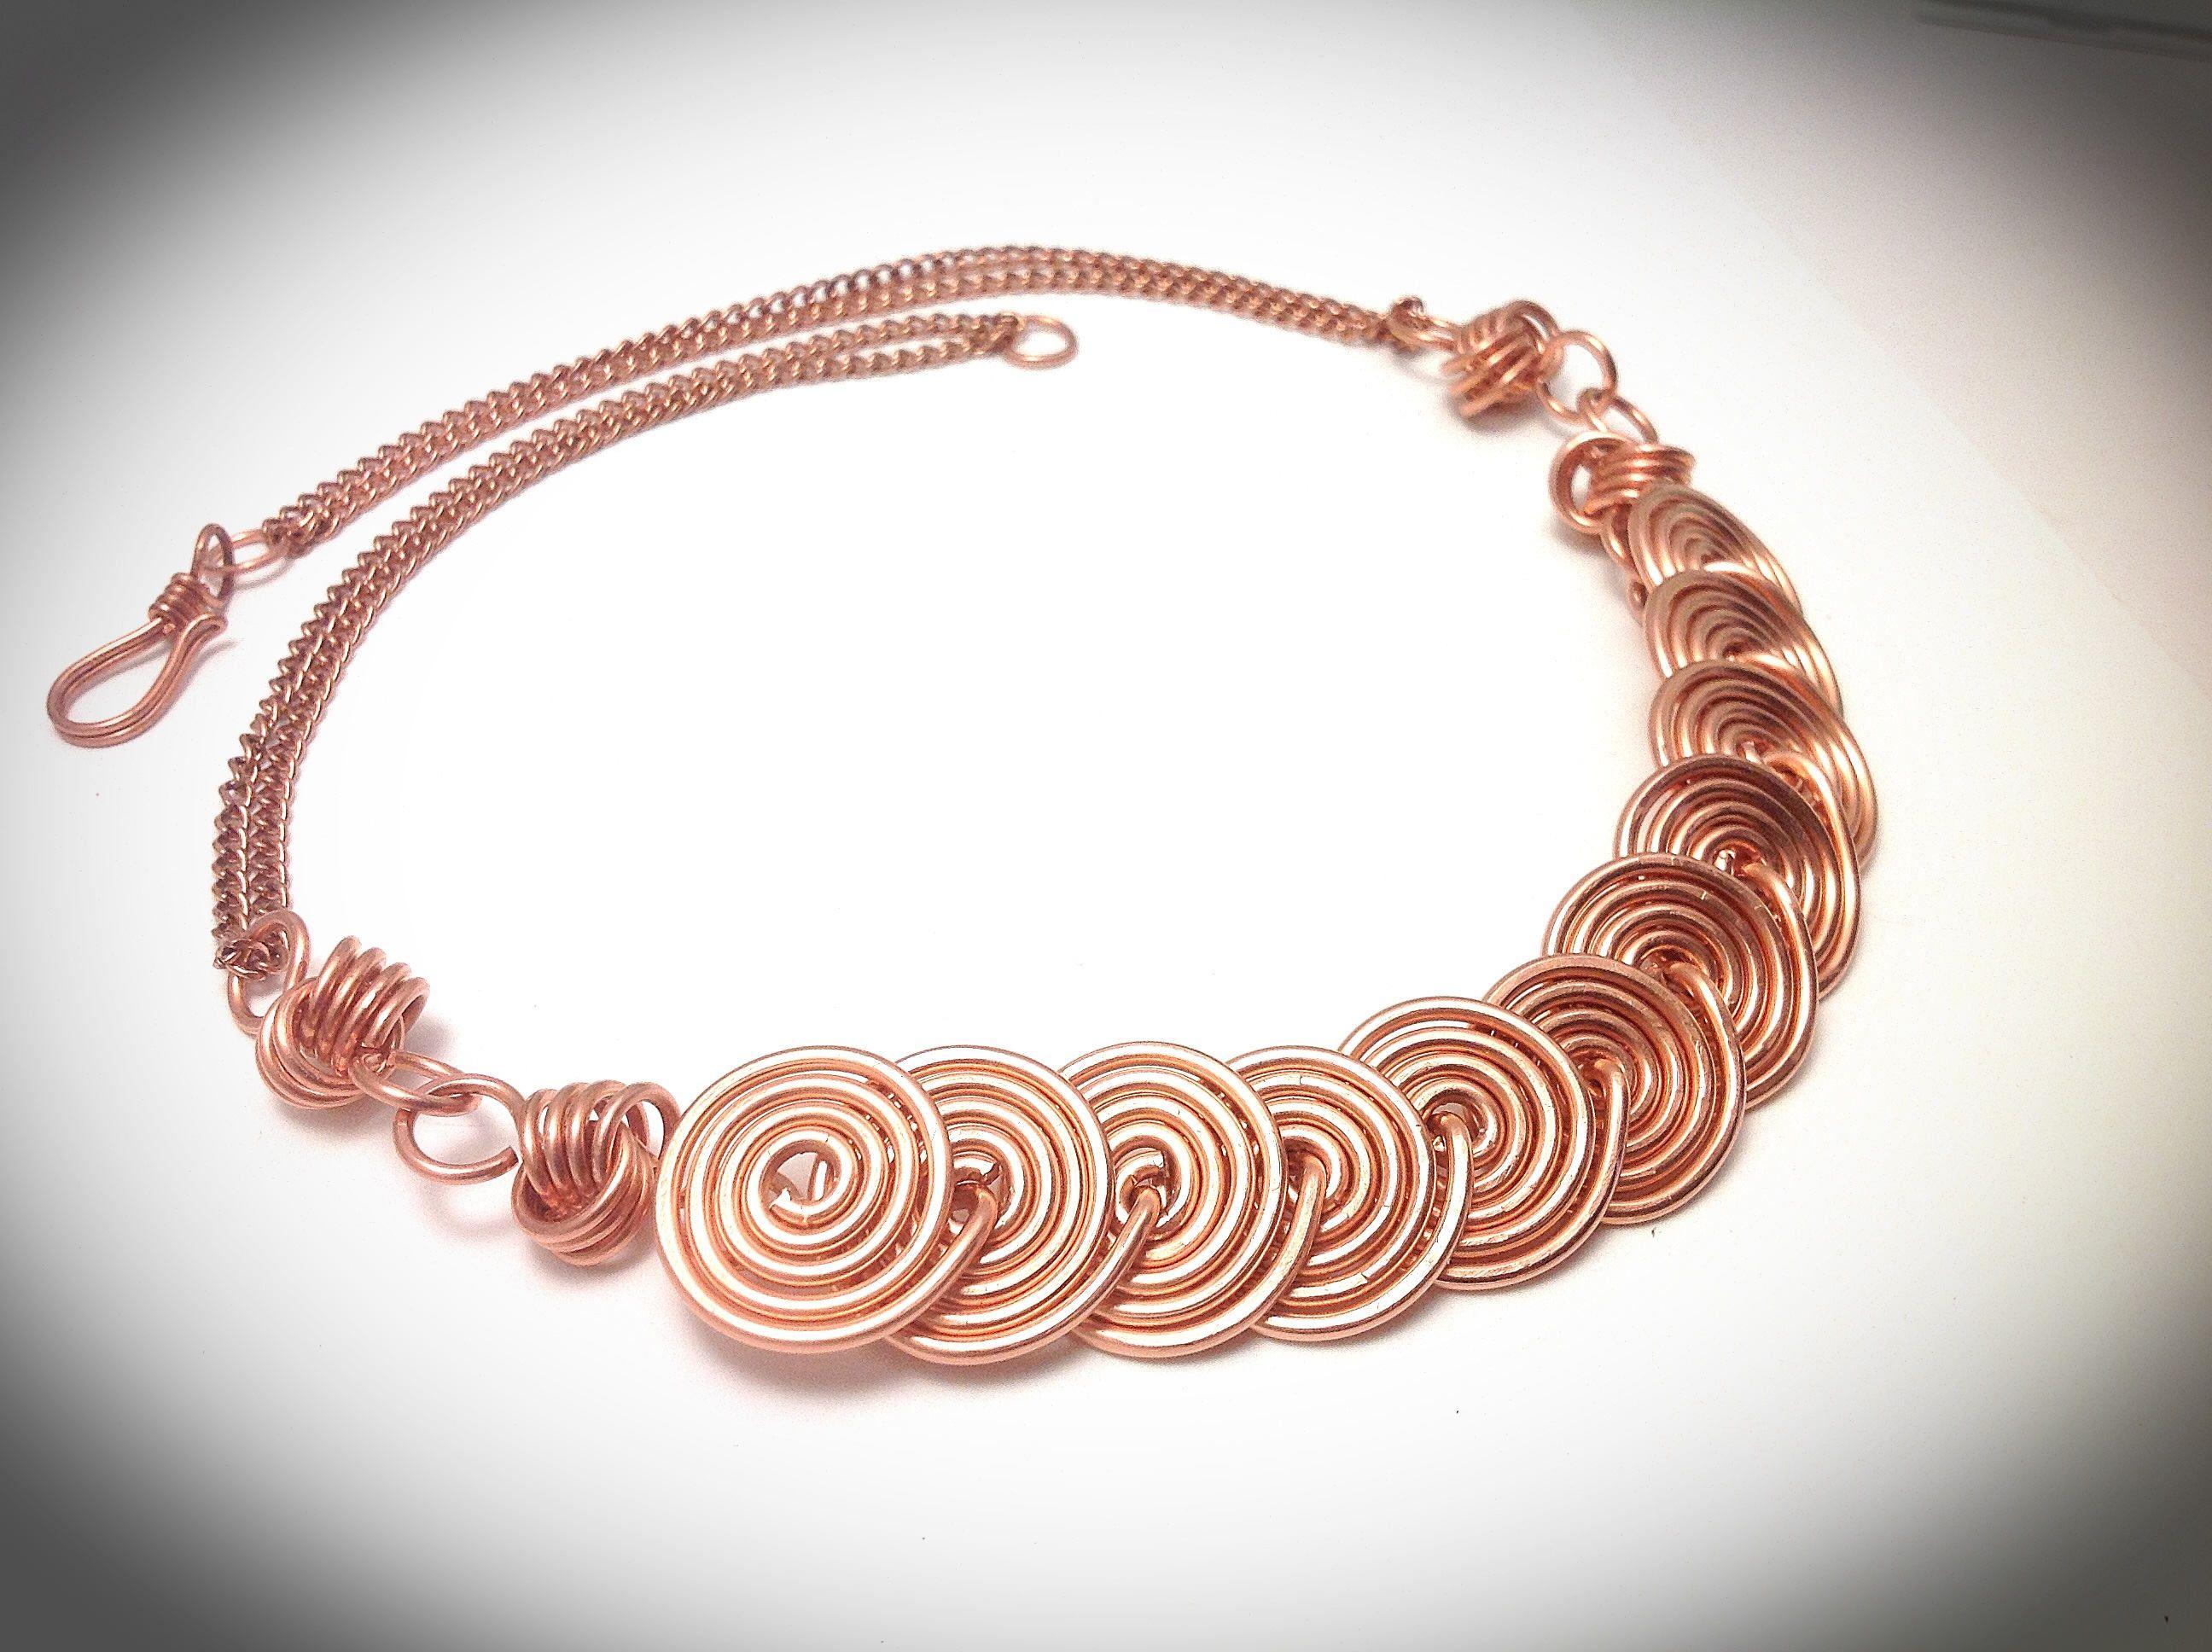 Copper wire necklace.Wirewrapped jewelry. Wire jewelry. Spiral ...